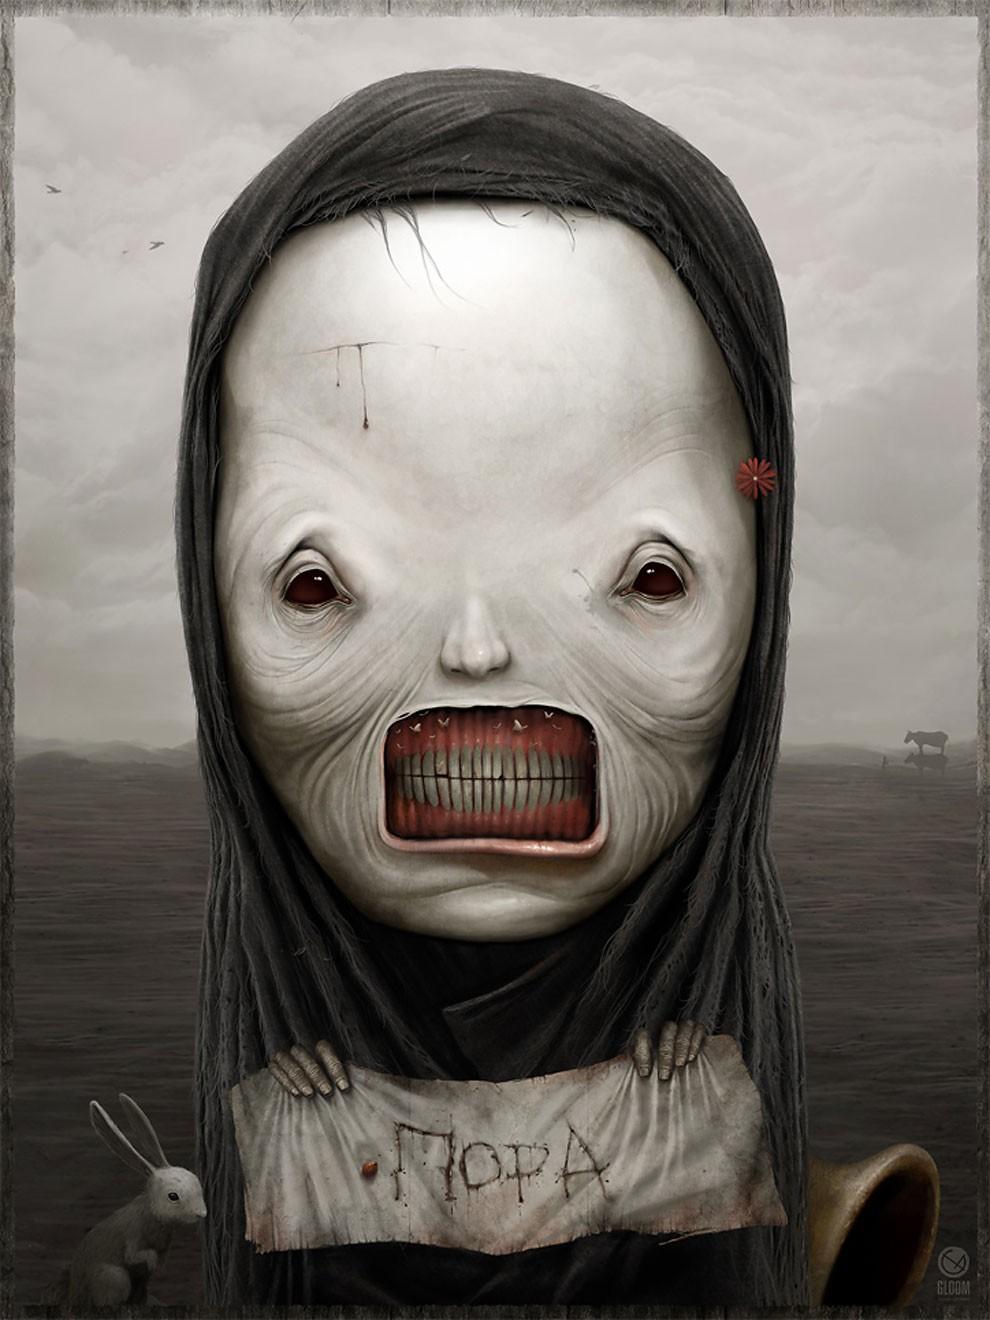 dipinti-cupi-spaventosi-anton-semenov-08